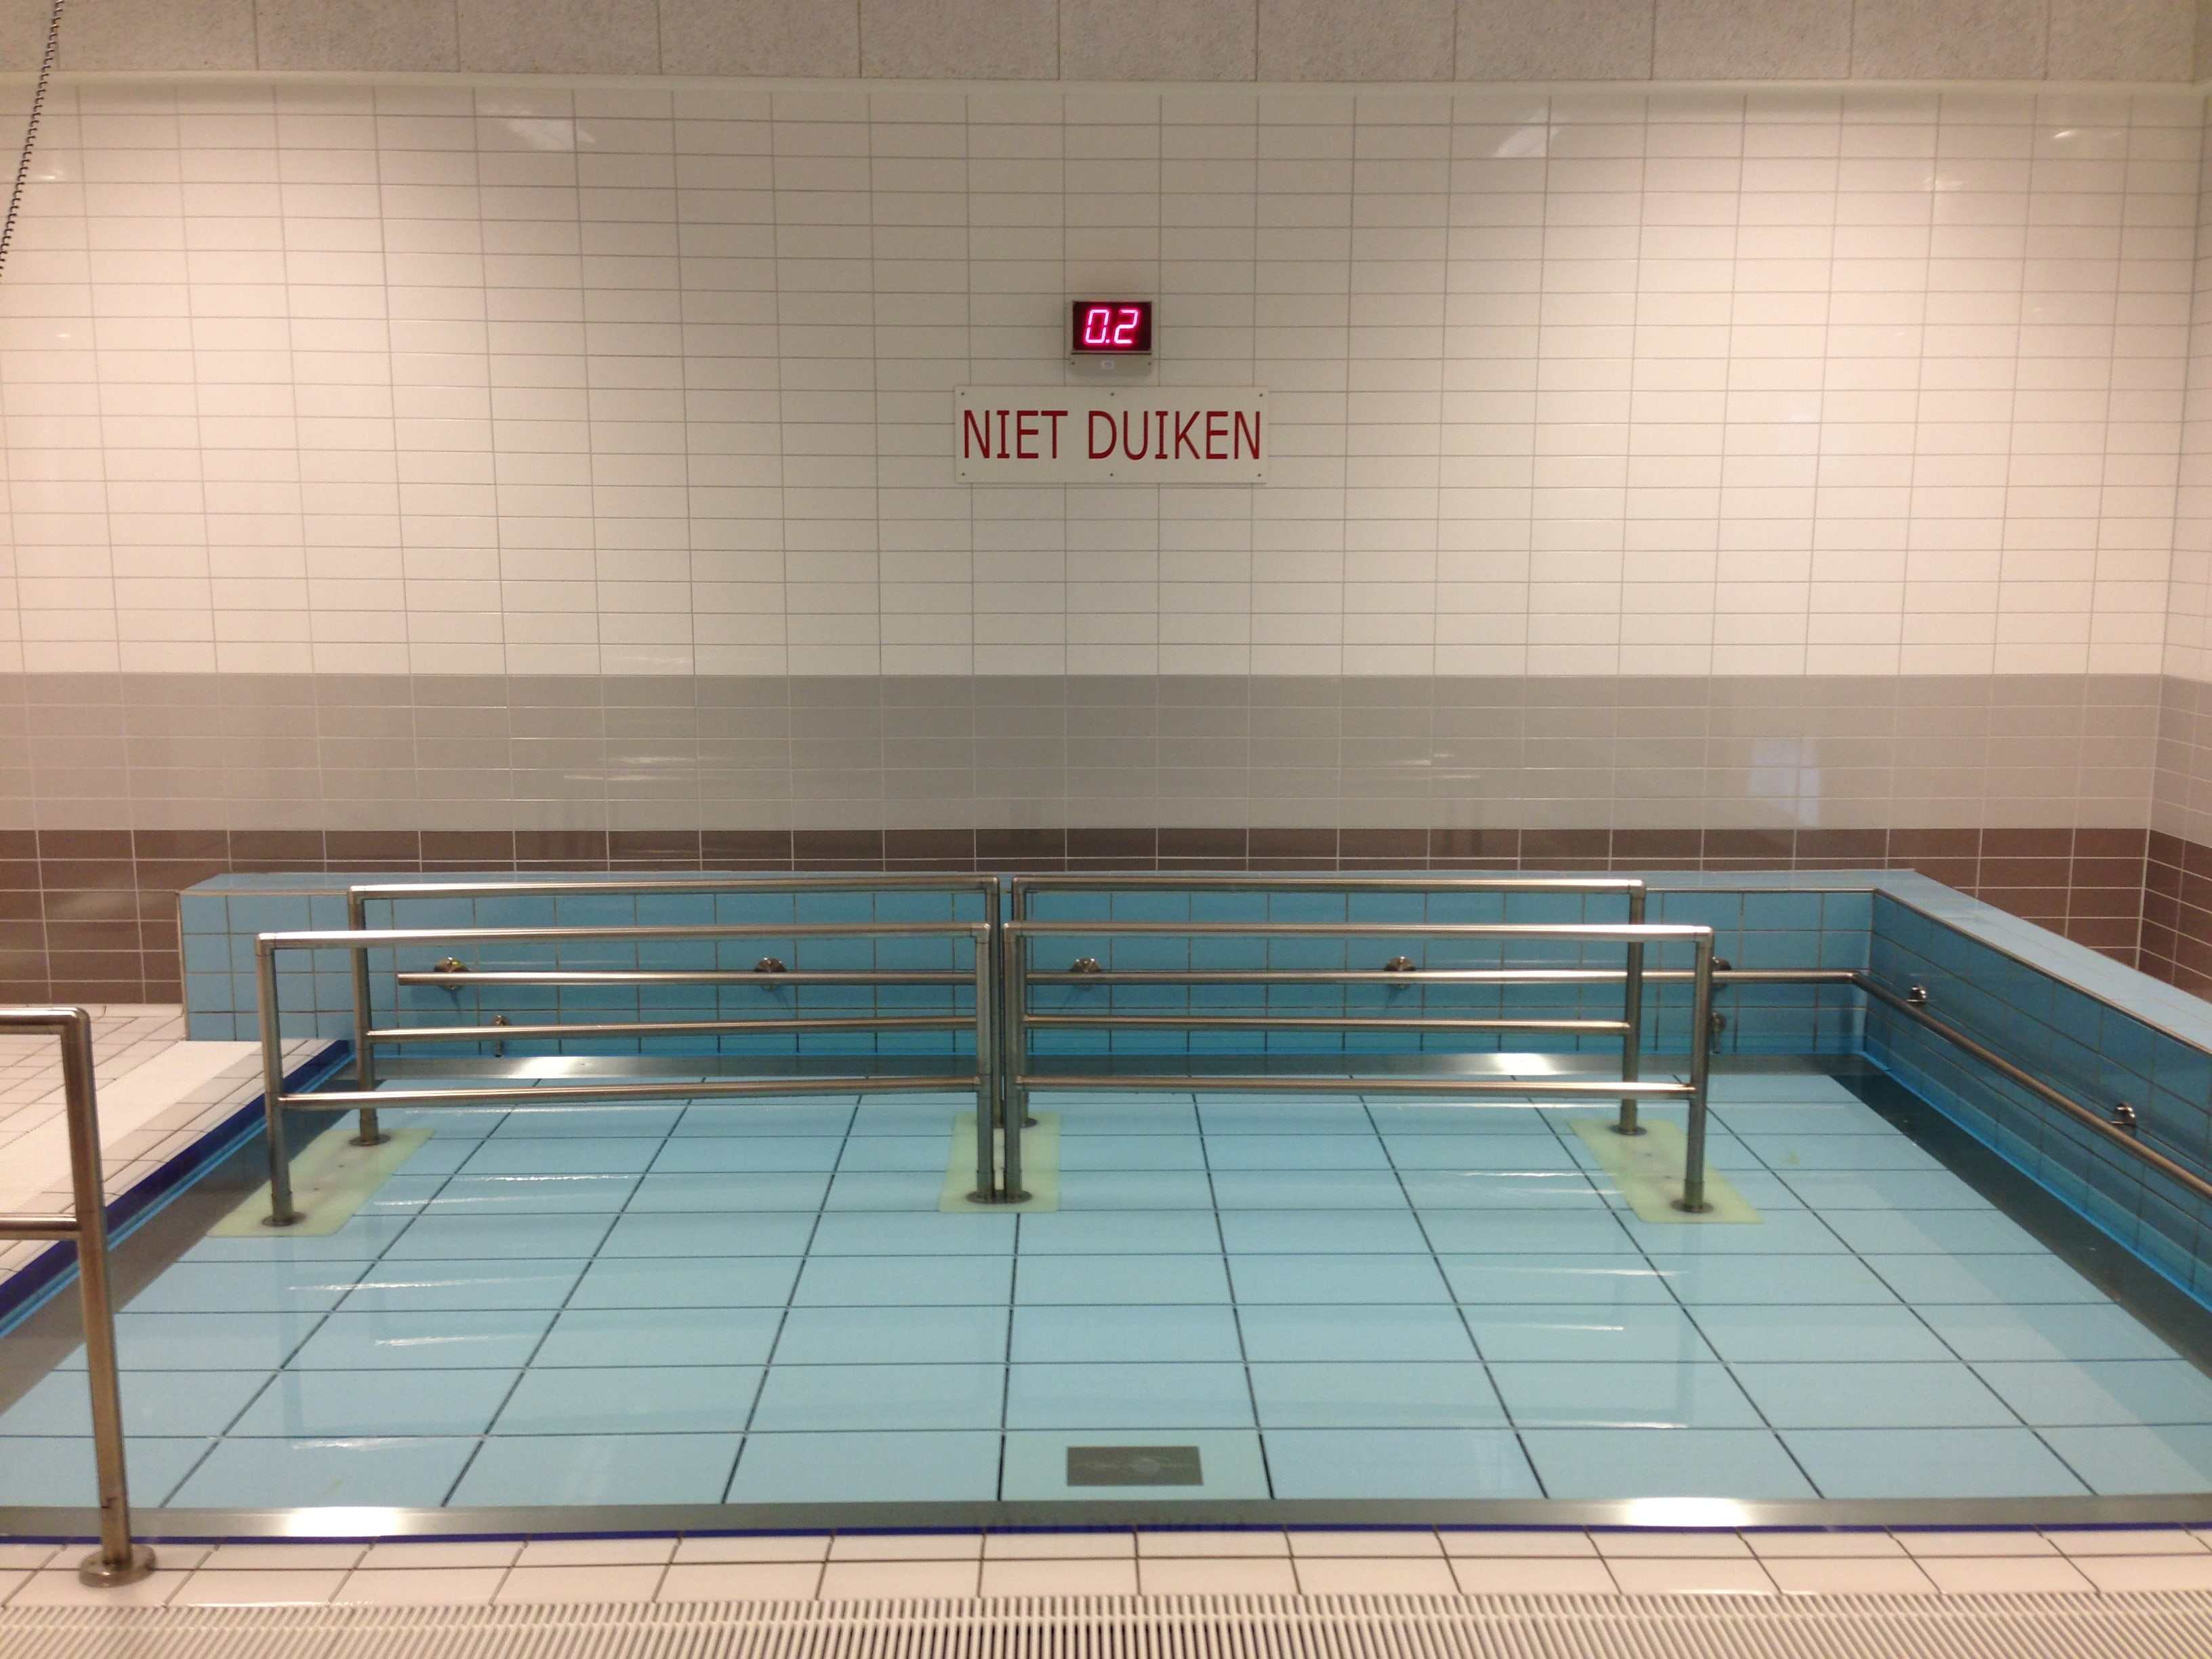 UMC St. Radboud Nijmegen